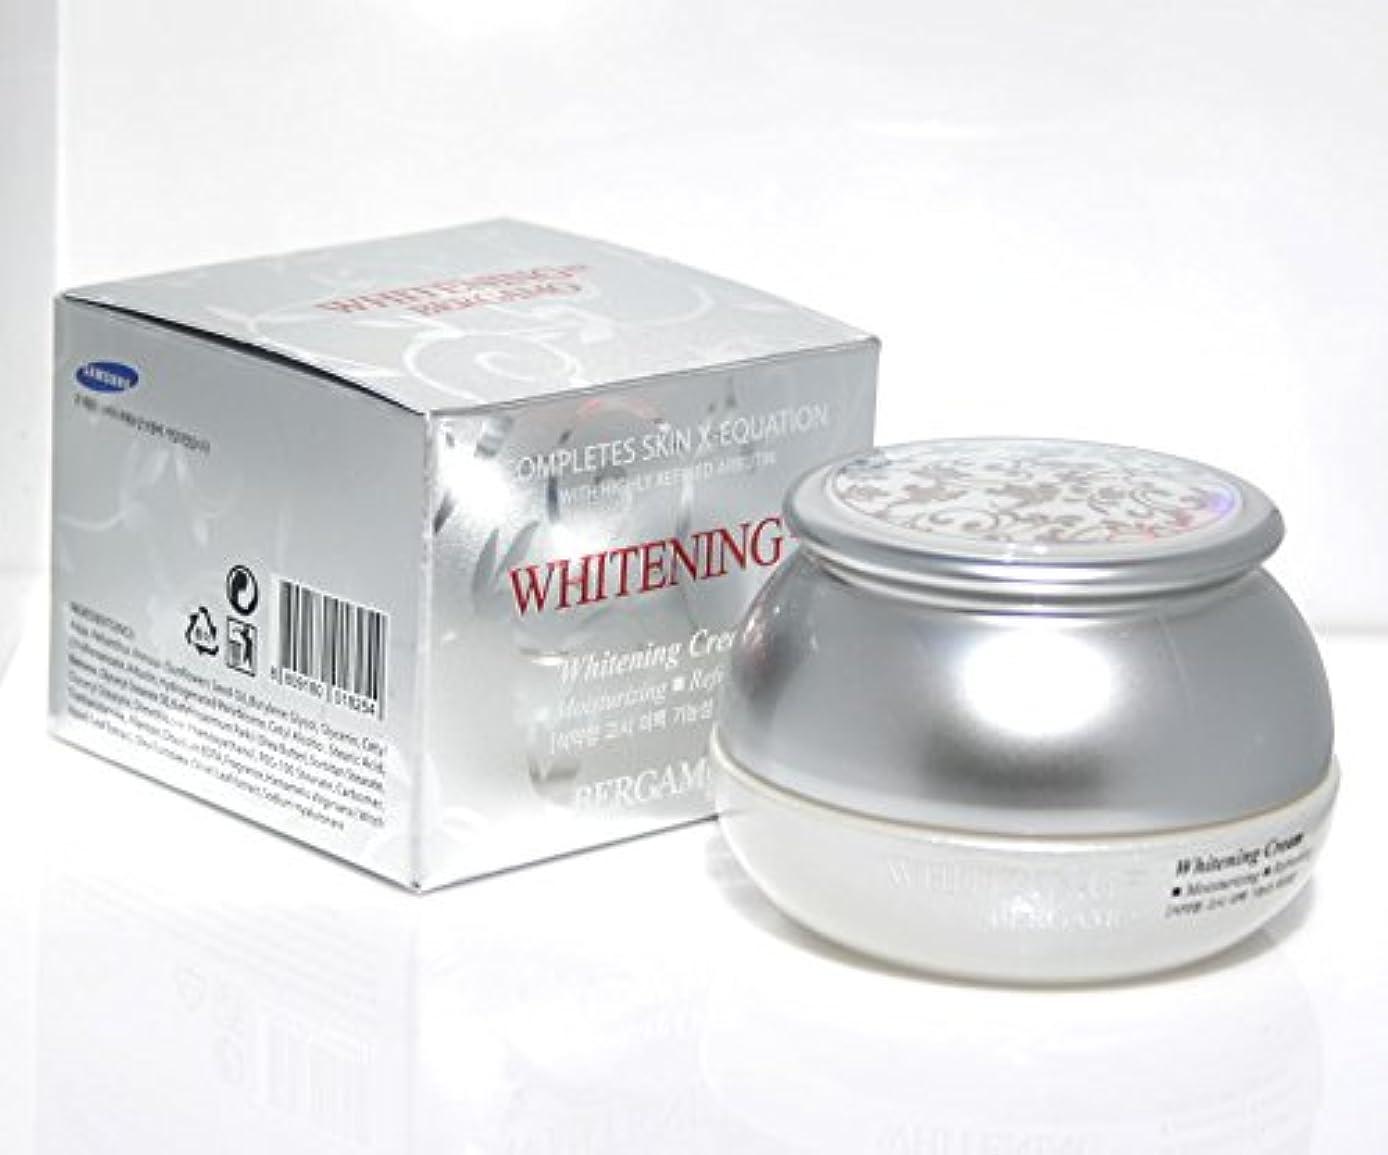 製造業びっくり一定【ベルガモ][Bergamo]  は、高度に精製アルブチンホワイトニング例クリーム50g /  Completes Skin X-equation with Highly Refined Albutin Whitening...